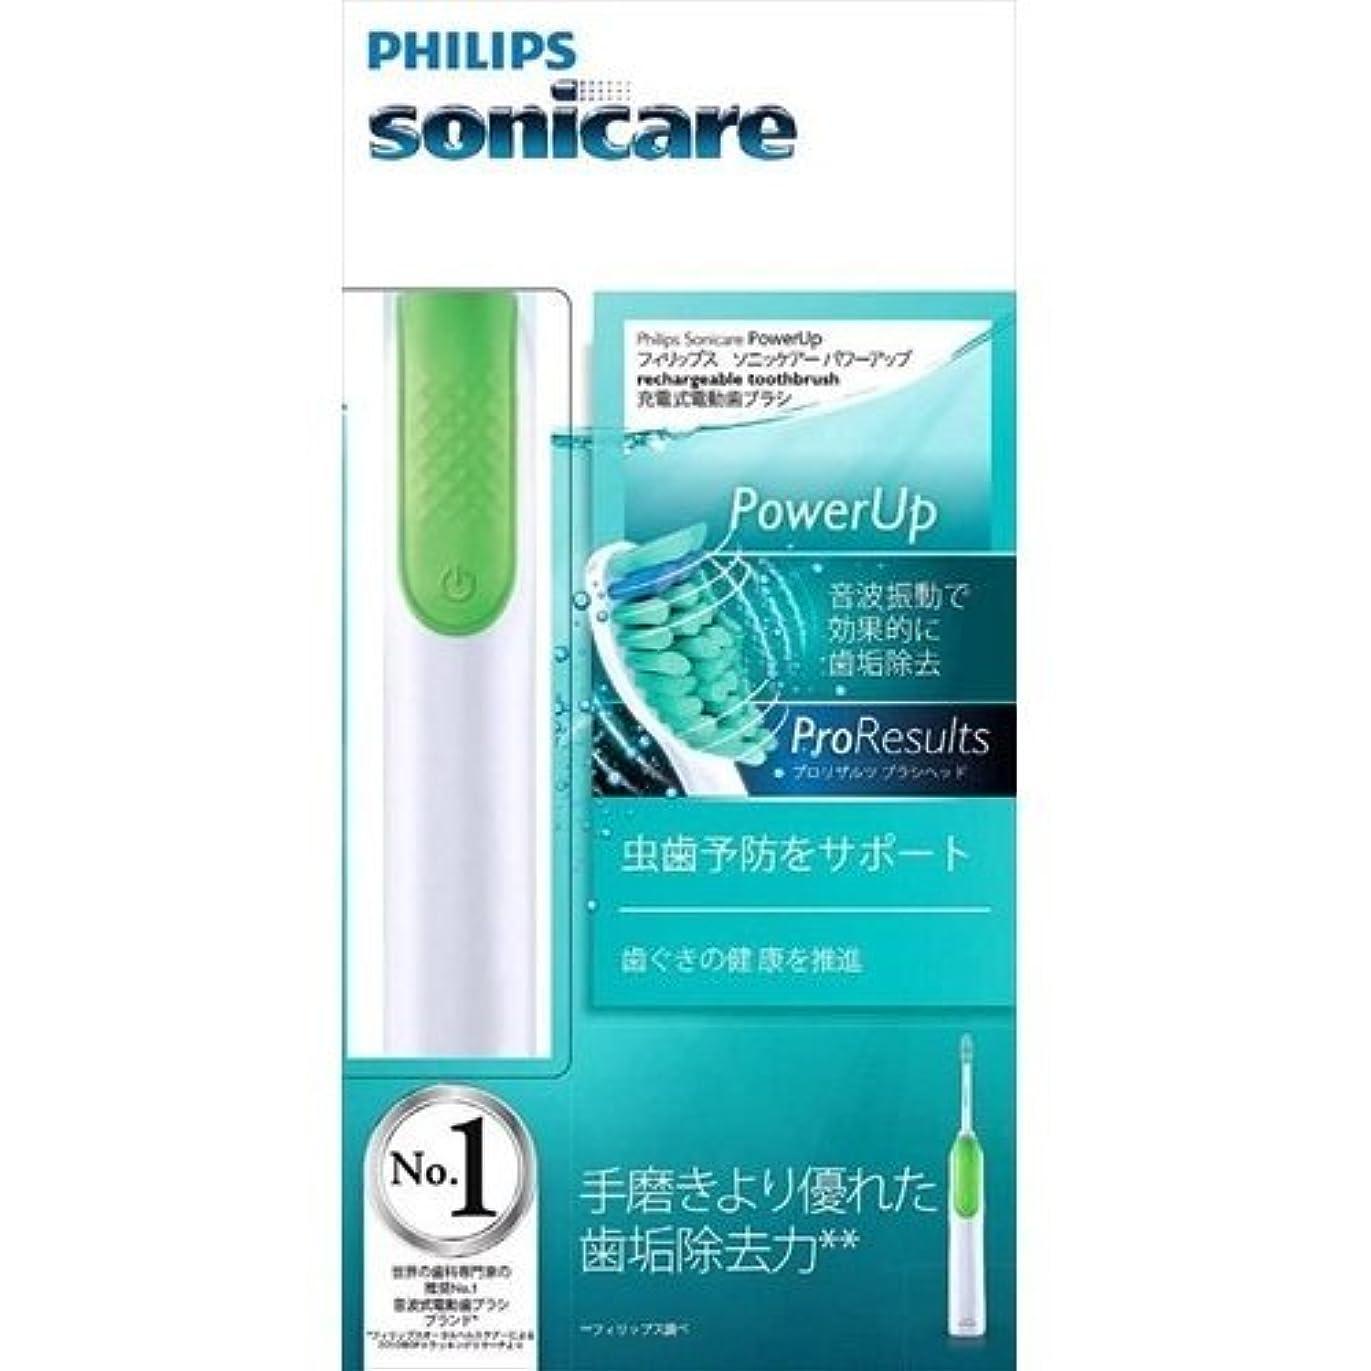 エッセンス精神サーバPHILIPS Sonicare(ソニッケアー)パワーアップ音波式電動歯ブラシ HX3110